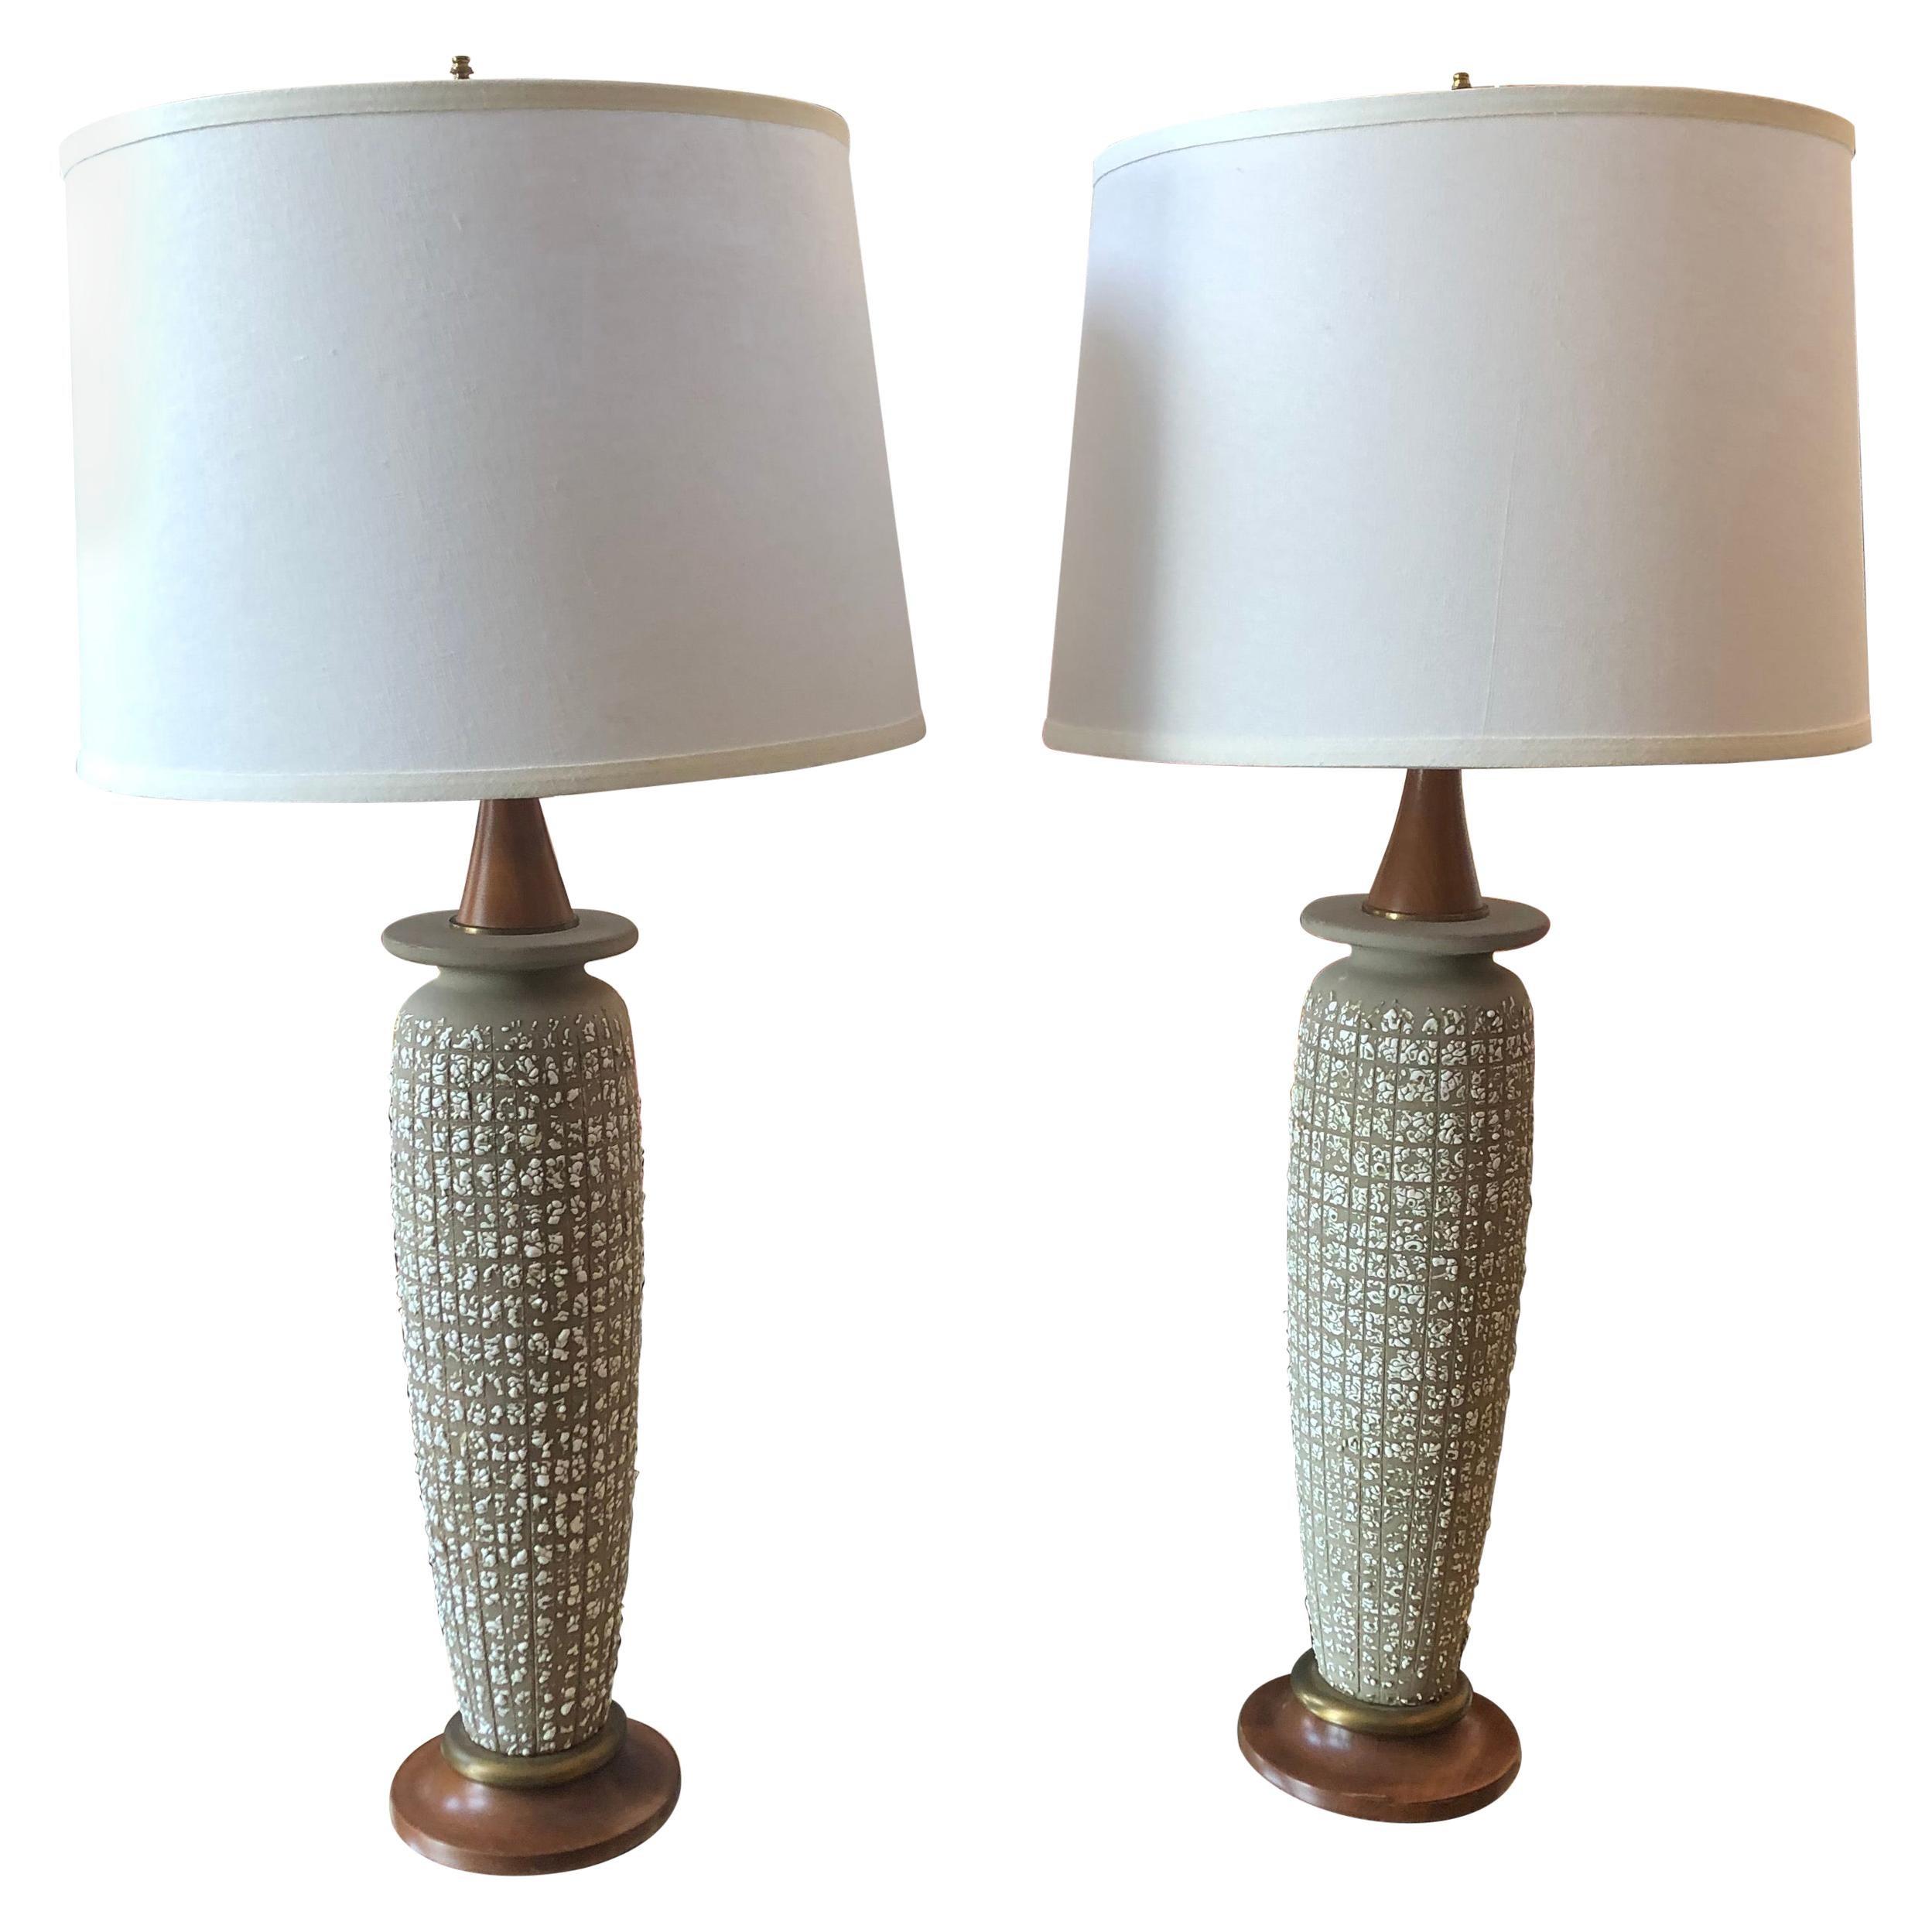 Pair of Danish Modern Table Lamps